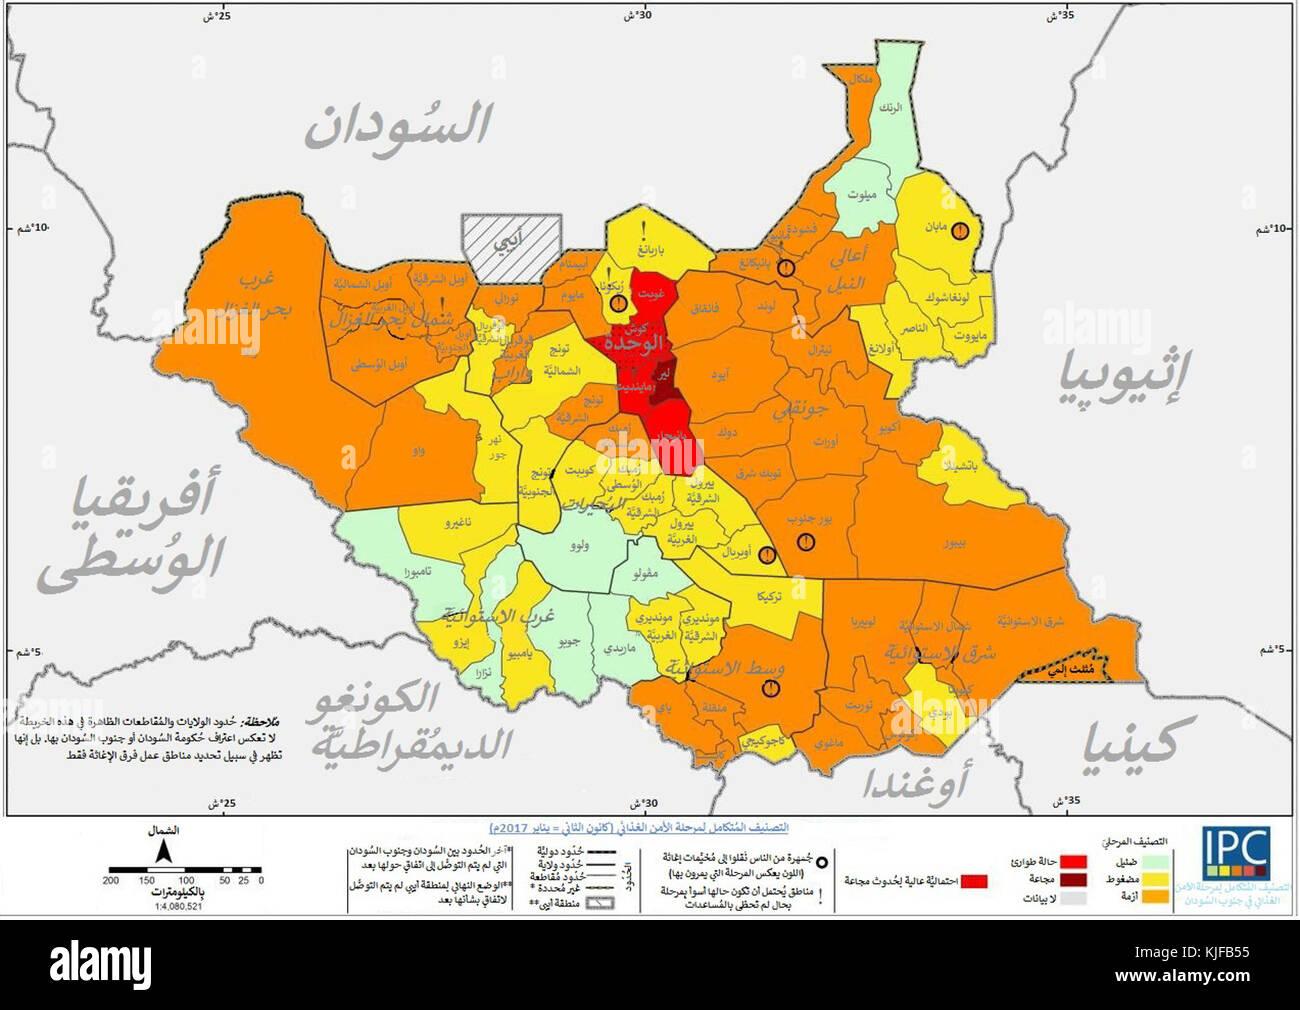 SouthSudan ar - Stock Image